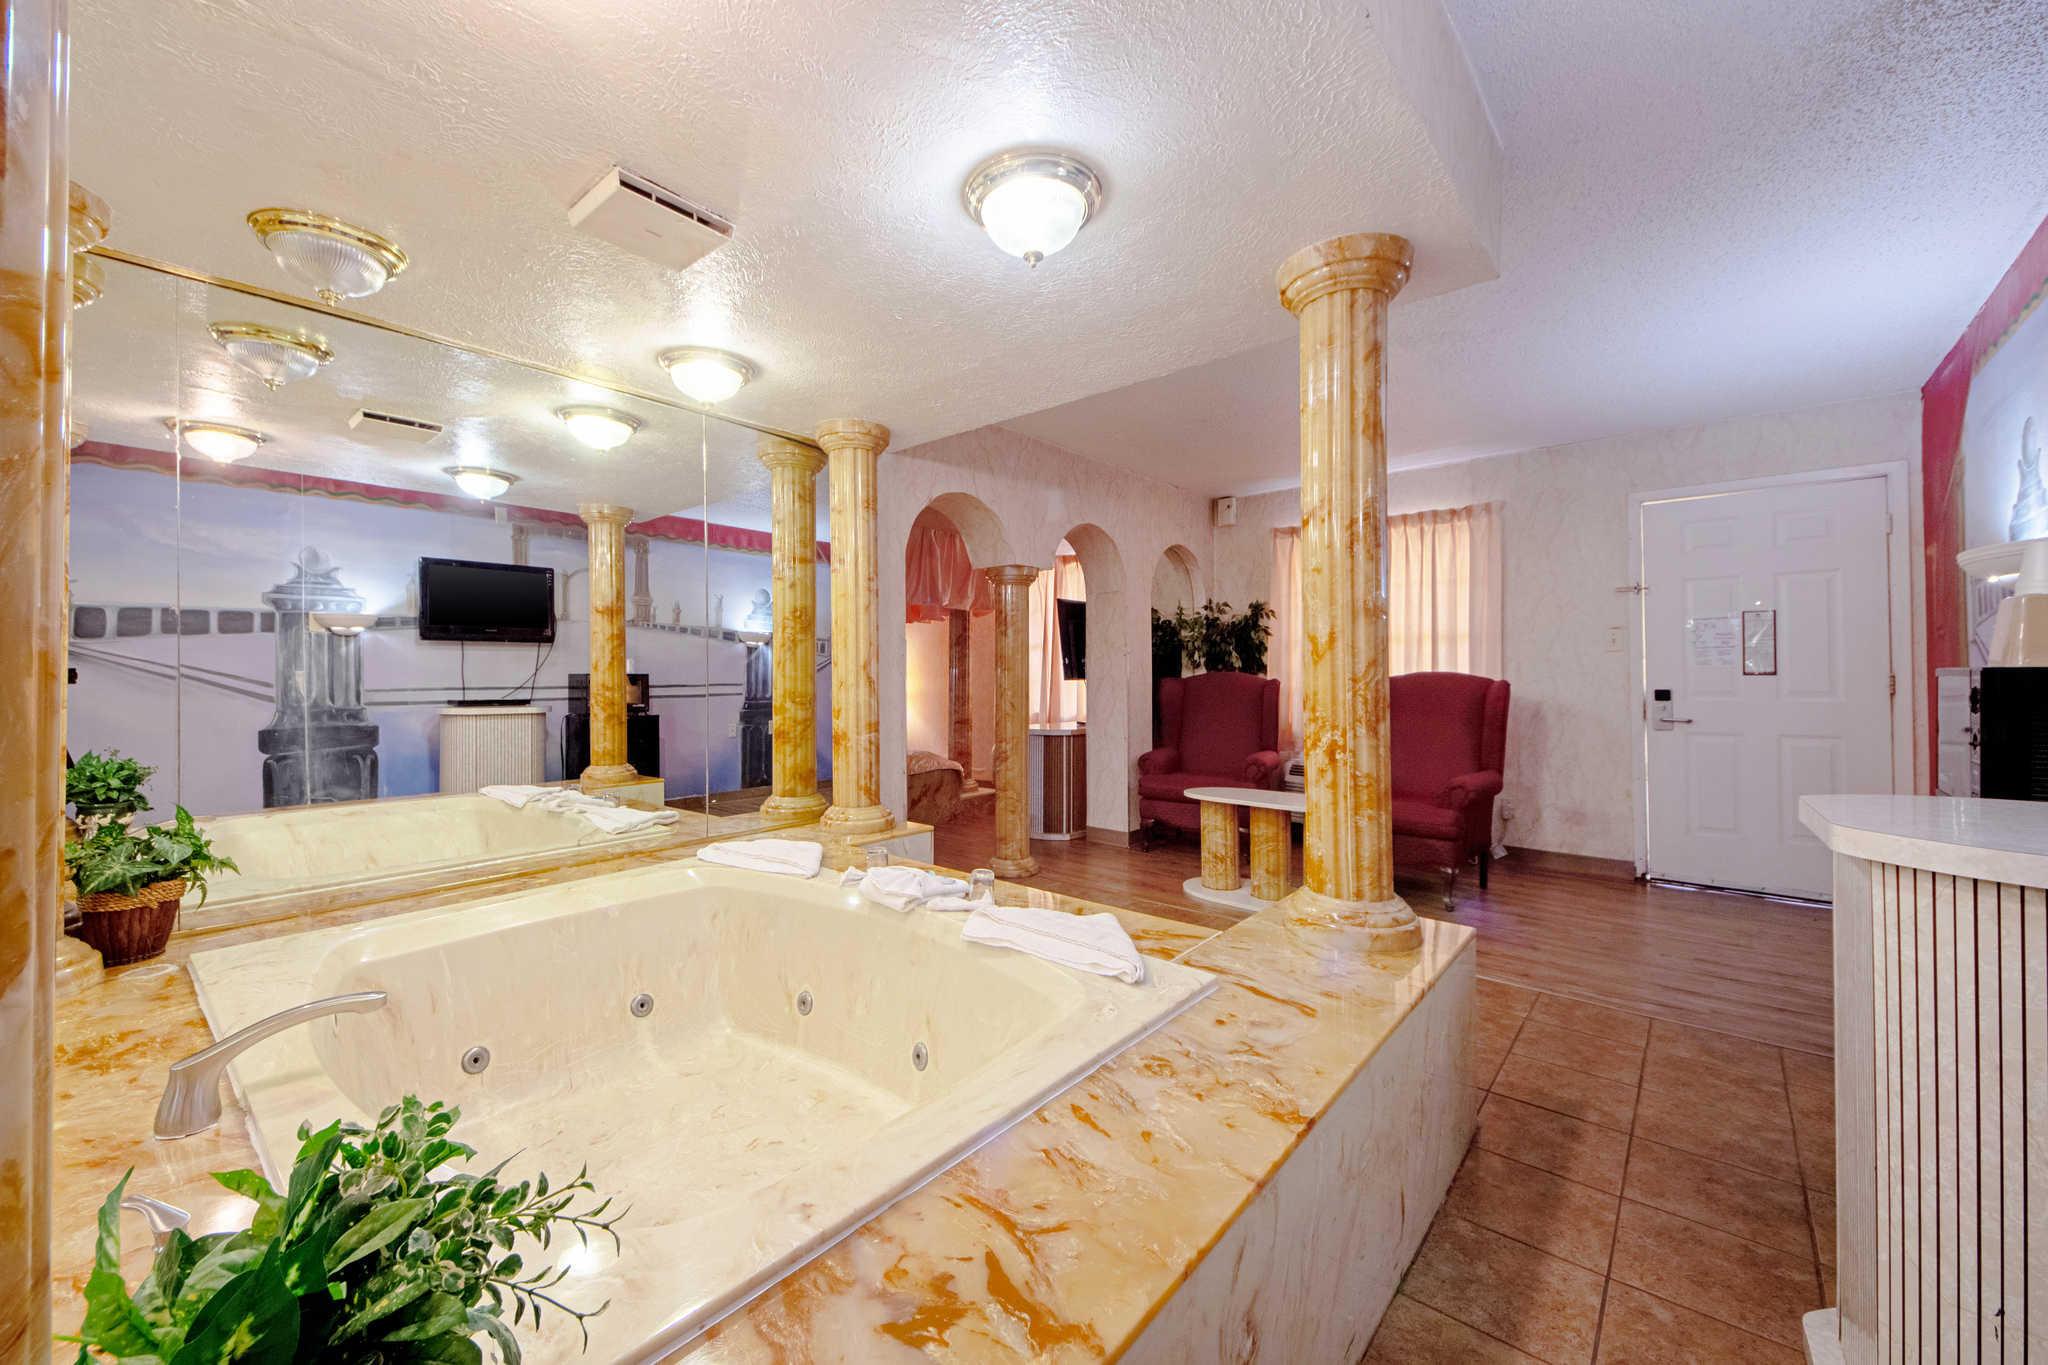 Rodeway Inn & Suites image 43